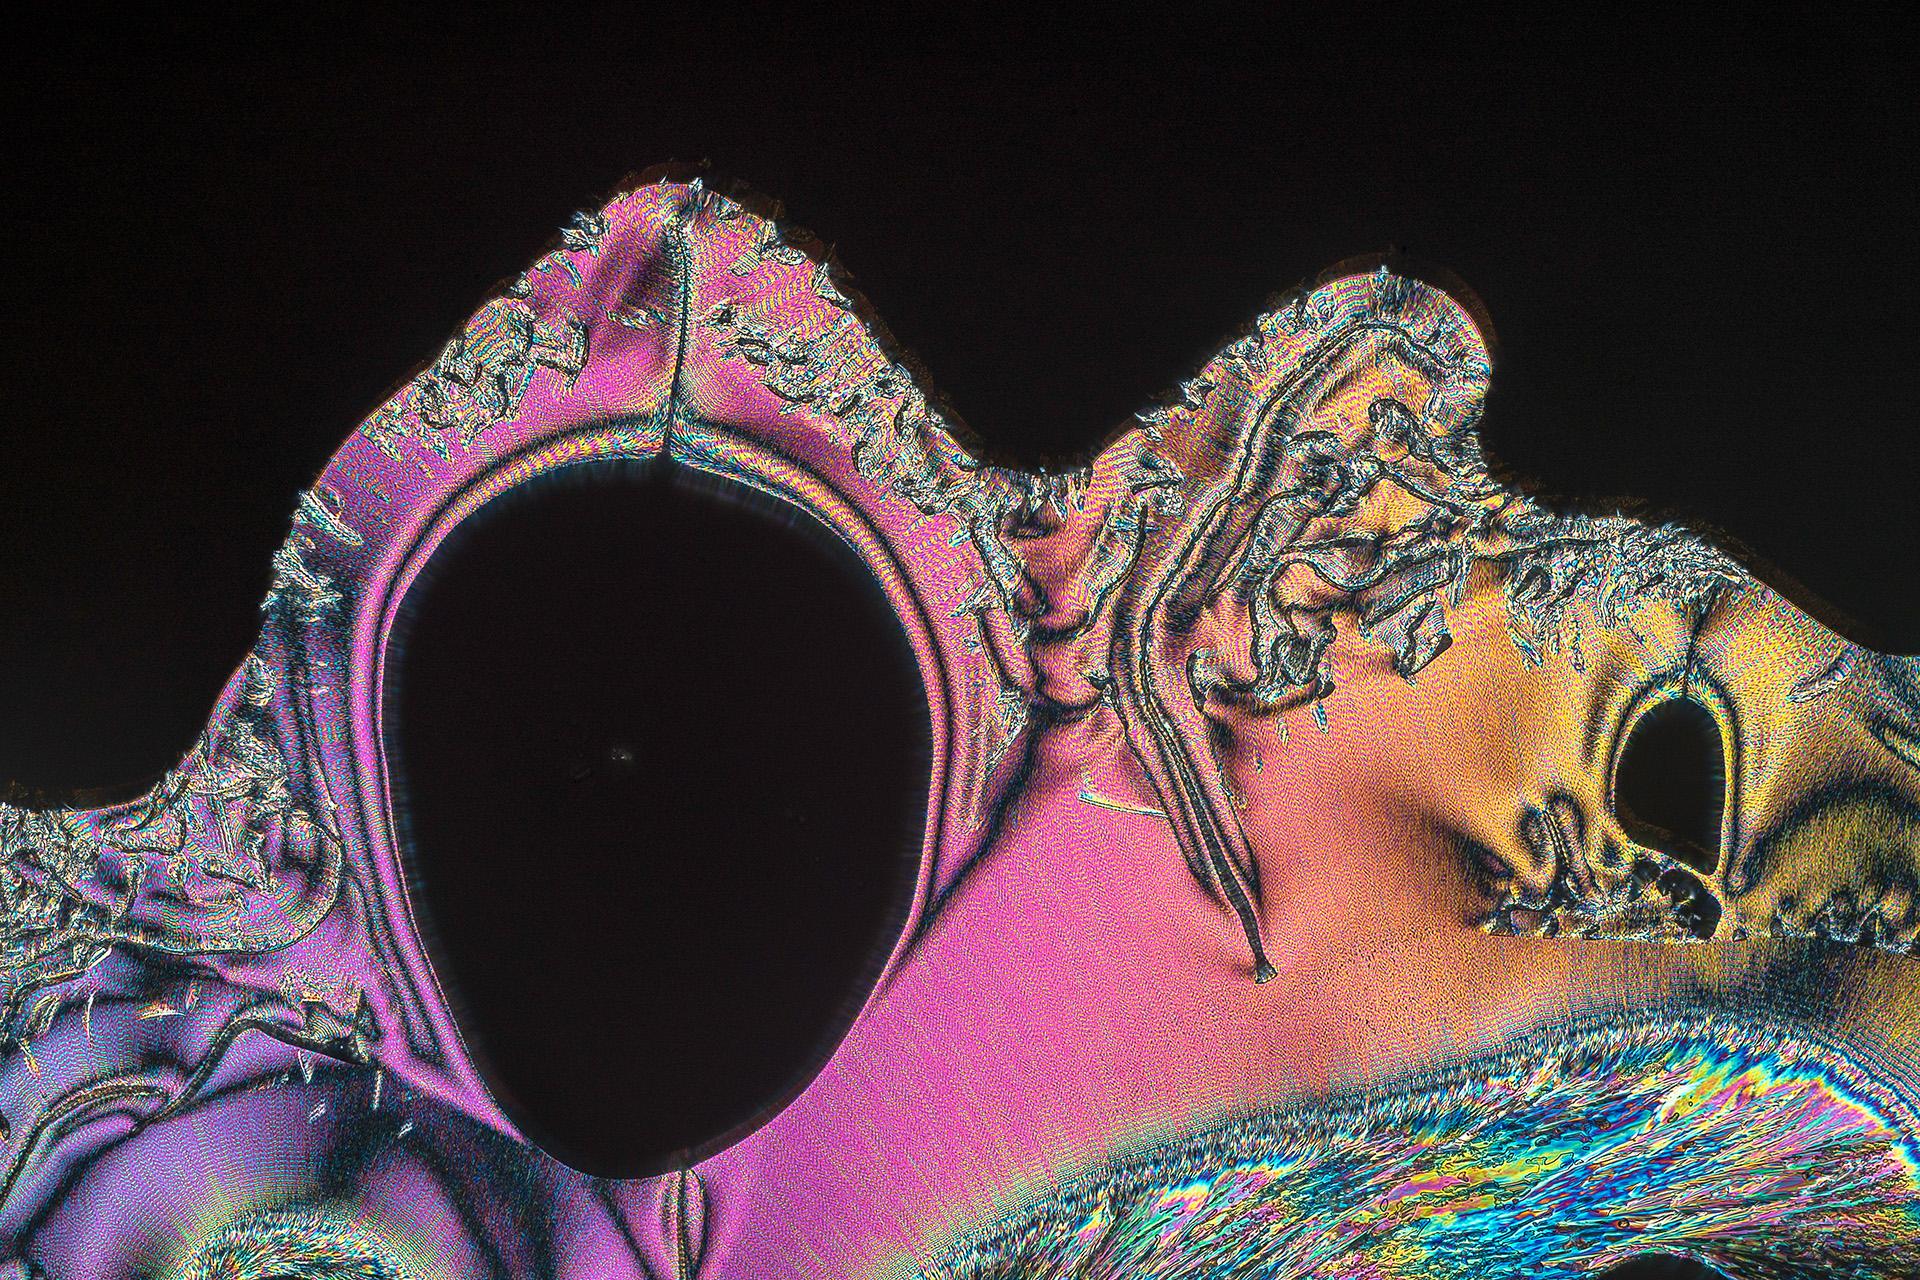 Vitamin C in einer Vergrößerung von 250:1, Mikro Kristall im polarisierten Licht.